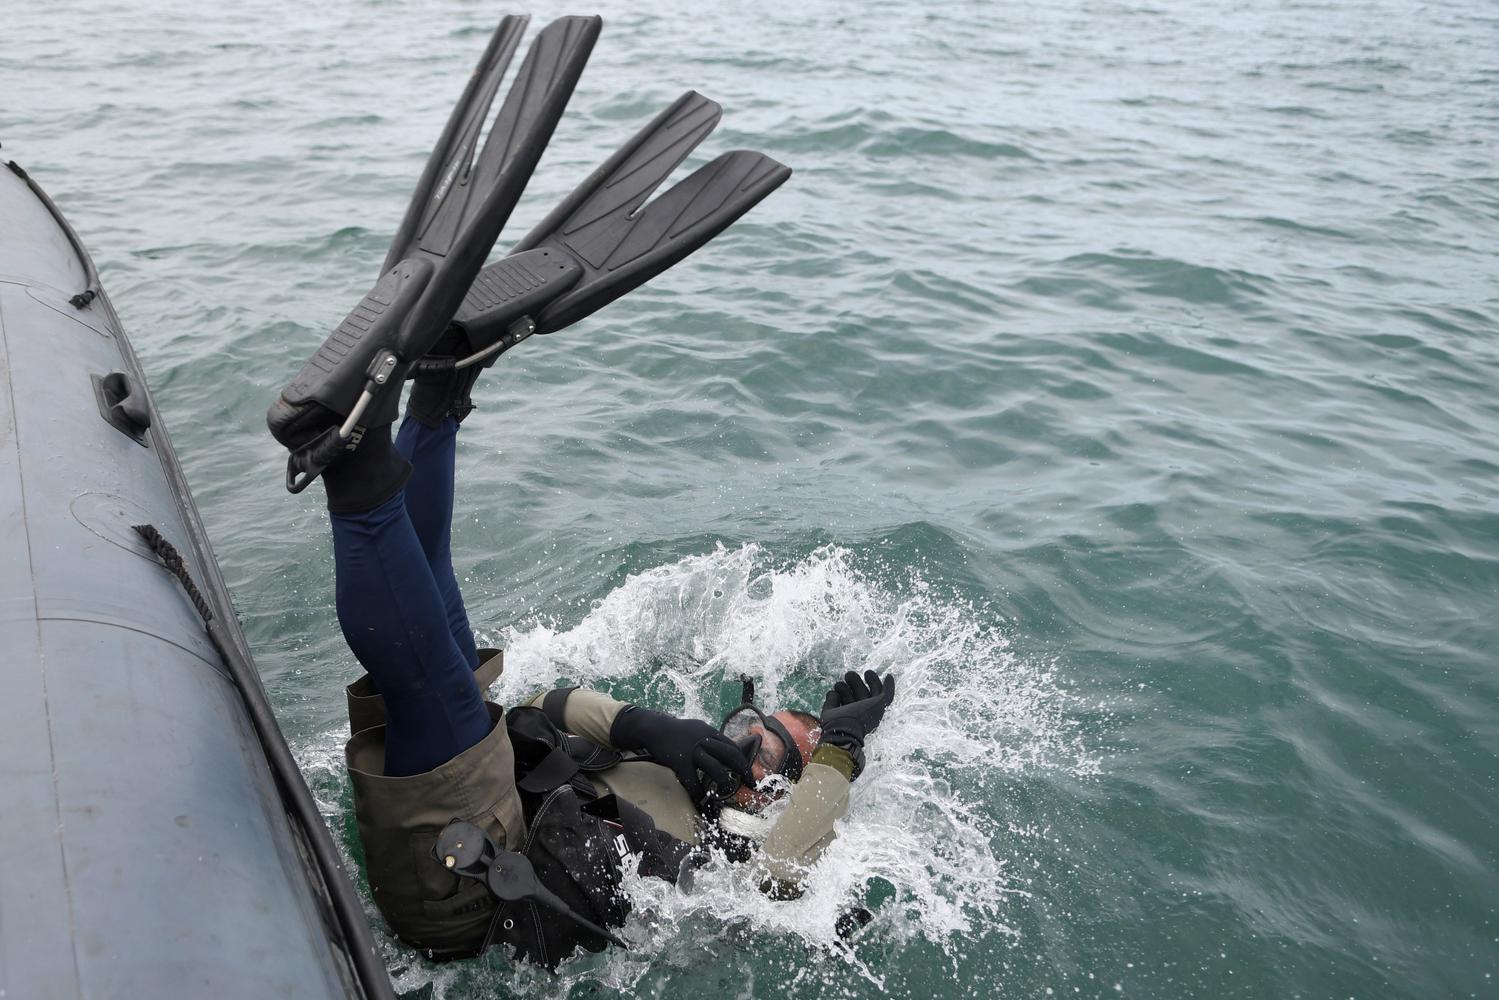 Prajurit Batalyon Intai Amfibi 1 Korps Marinir (Yontaifib) TNI AL melakukan penyelaman untuk pencarian pesawat Sriwijaya Air SJ 182 yang hilang kontak di perairan Kepulauan Seribu, Jakarta, Minggu (10/1/2021). Pesawat Sriwijaya Air SJ 182 yang hilang kontak pada Sabtu (9/1) sekitar pukul 14.40 WIB di ketinggian 10 ribu kaki tersebut membawa enam awak dan 56 penumpang.